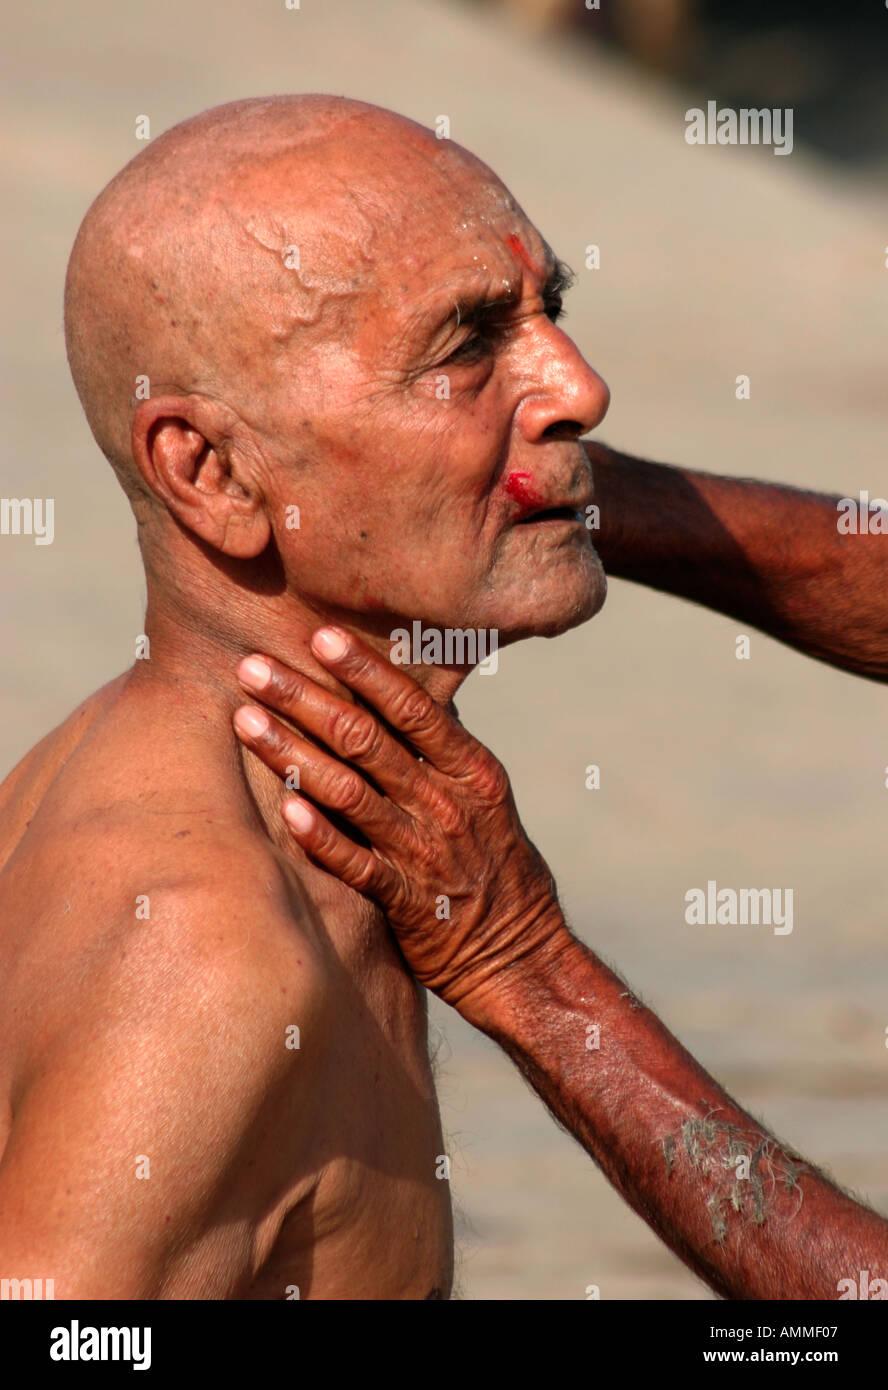 a barber in varanasi - Stock Image